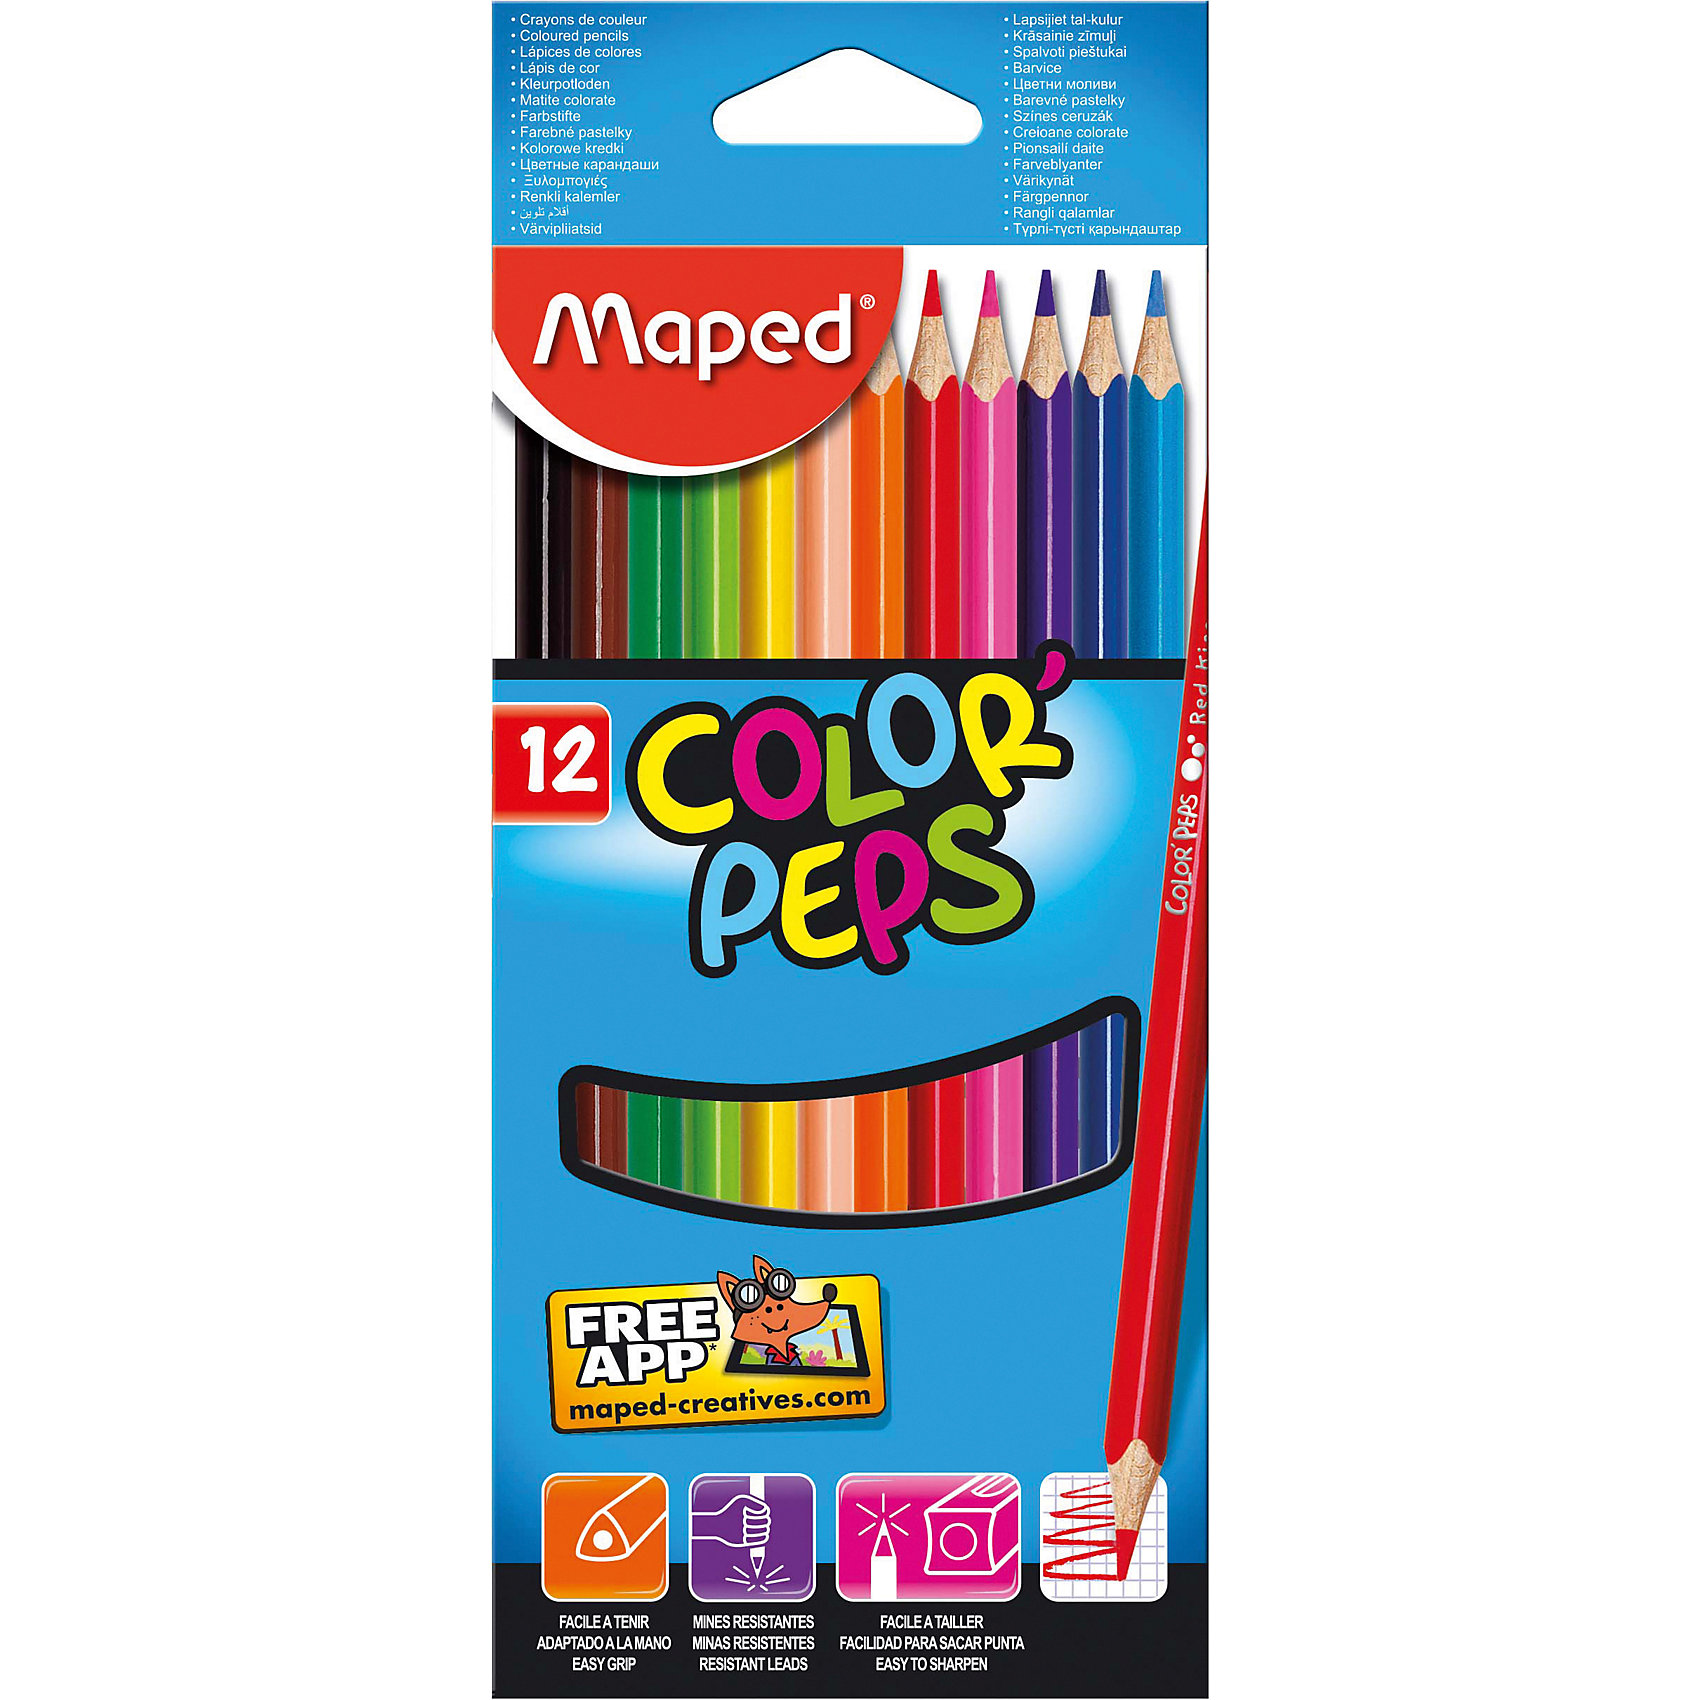 Maped Набор цветных карандашей, 12 цв.Письменные принадлежности<br>MAPED COLORPEPS Карандаши цветные из американской липы,  треугольные, ударопрочный грифель, в картонном футляре, 12 цветов.<br><br>Ширина мм: 65<br>Глубина мм: 95<br>Высота мм: 214<br>Вес г: 65<br>Возраст от месяцев: 36<br>Возраст до месяцев: 216<br>Пол: Унисекс<br>Возраст: Детский<br>SKU: 3157375